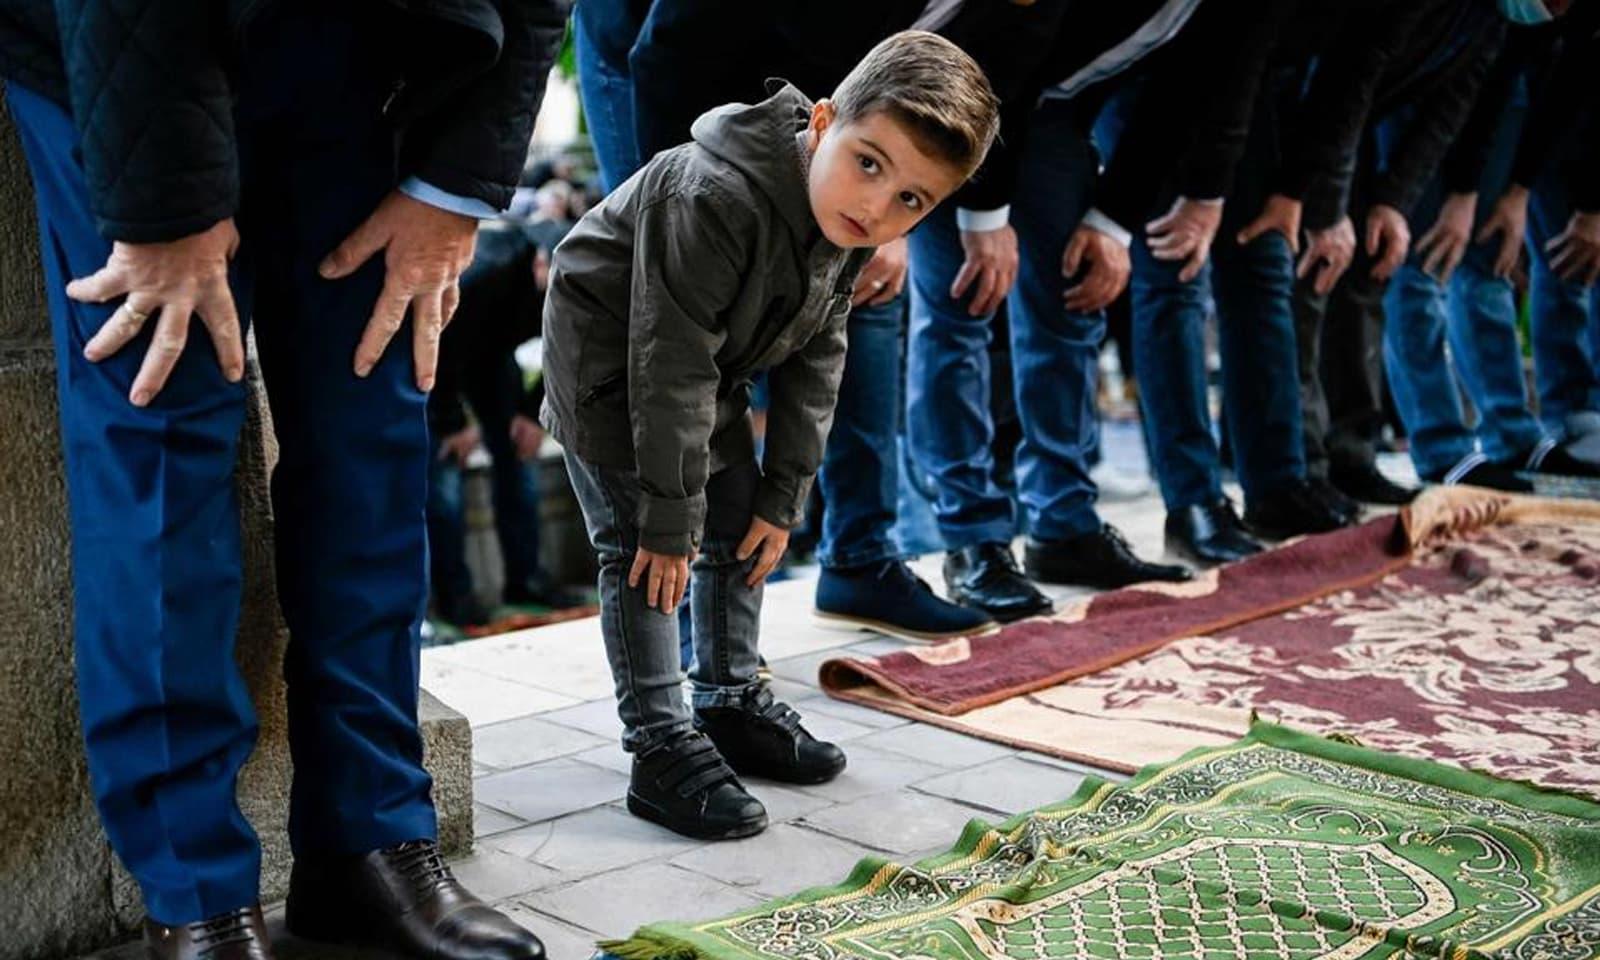 کوسوو میں بڑوں کے ساتھ بچے بھی نمازِ عید کی ادائیگی میں مصروف نظر آئے —فوٹو: اے ایف پی